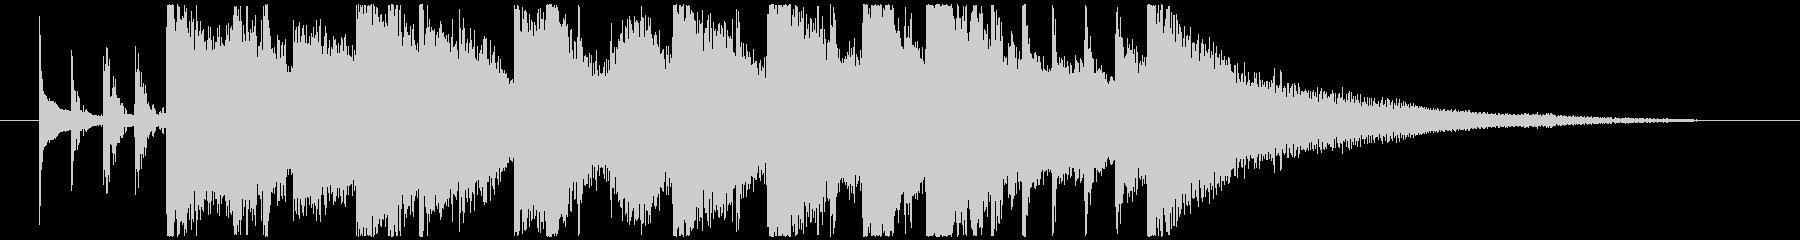 シタールによるインド風妖艶なロゴCの未再生の波形